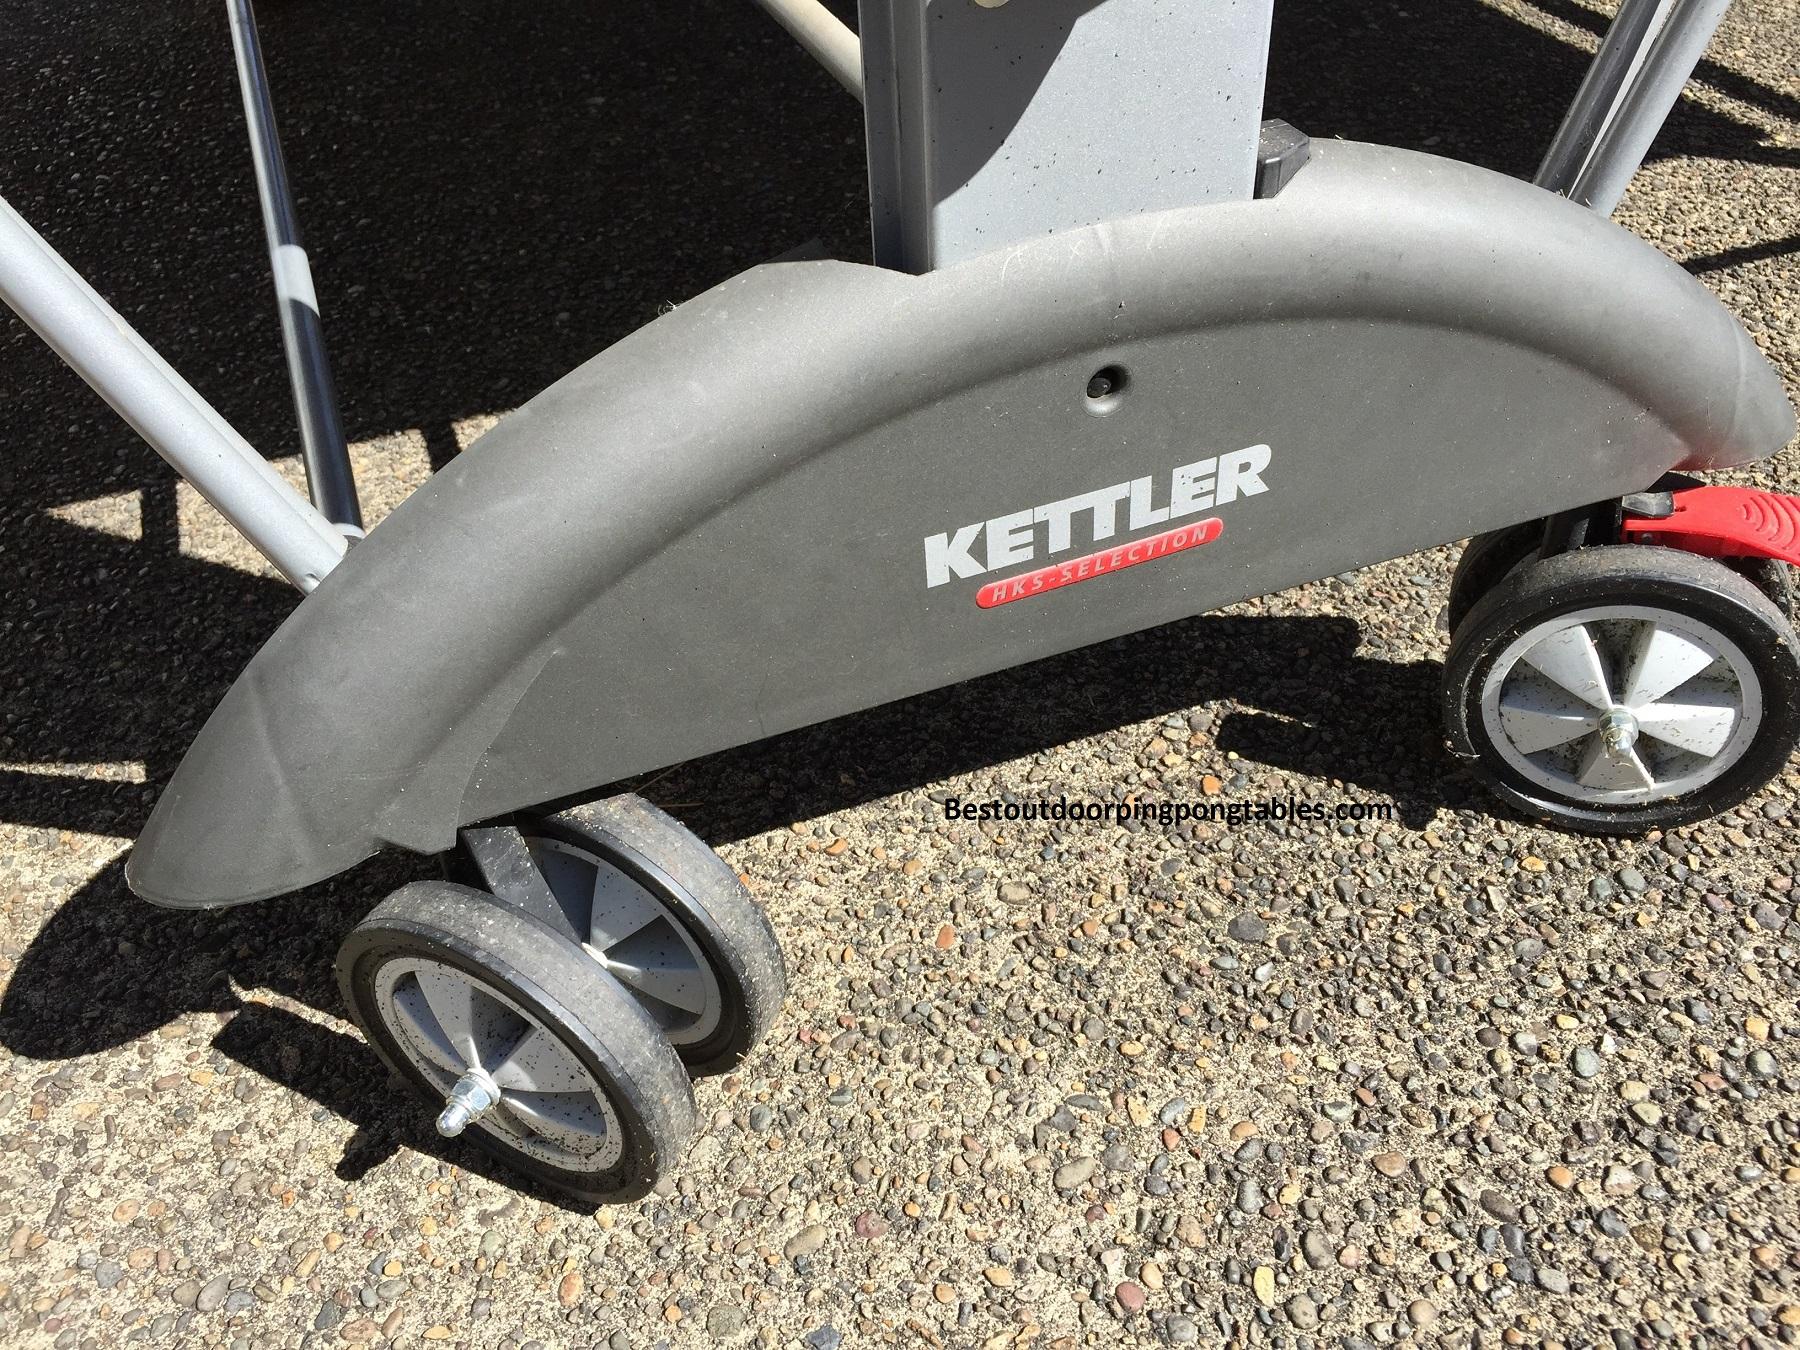 Kettler Top Star Xl Review